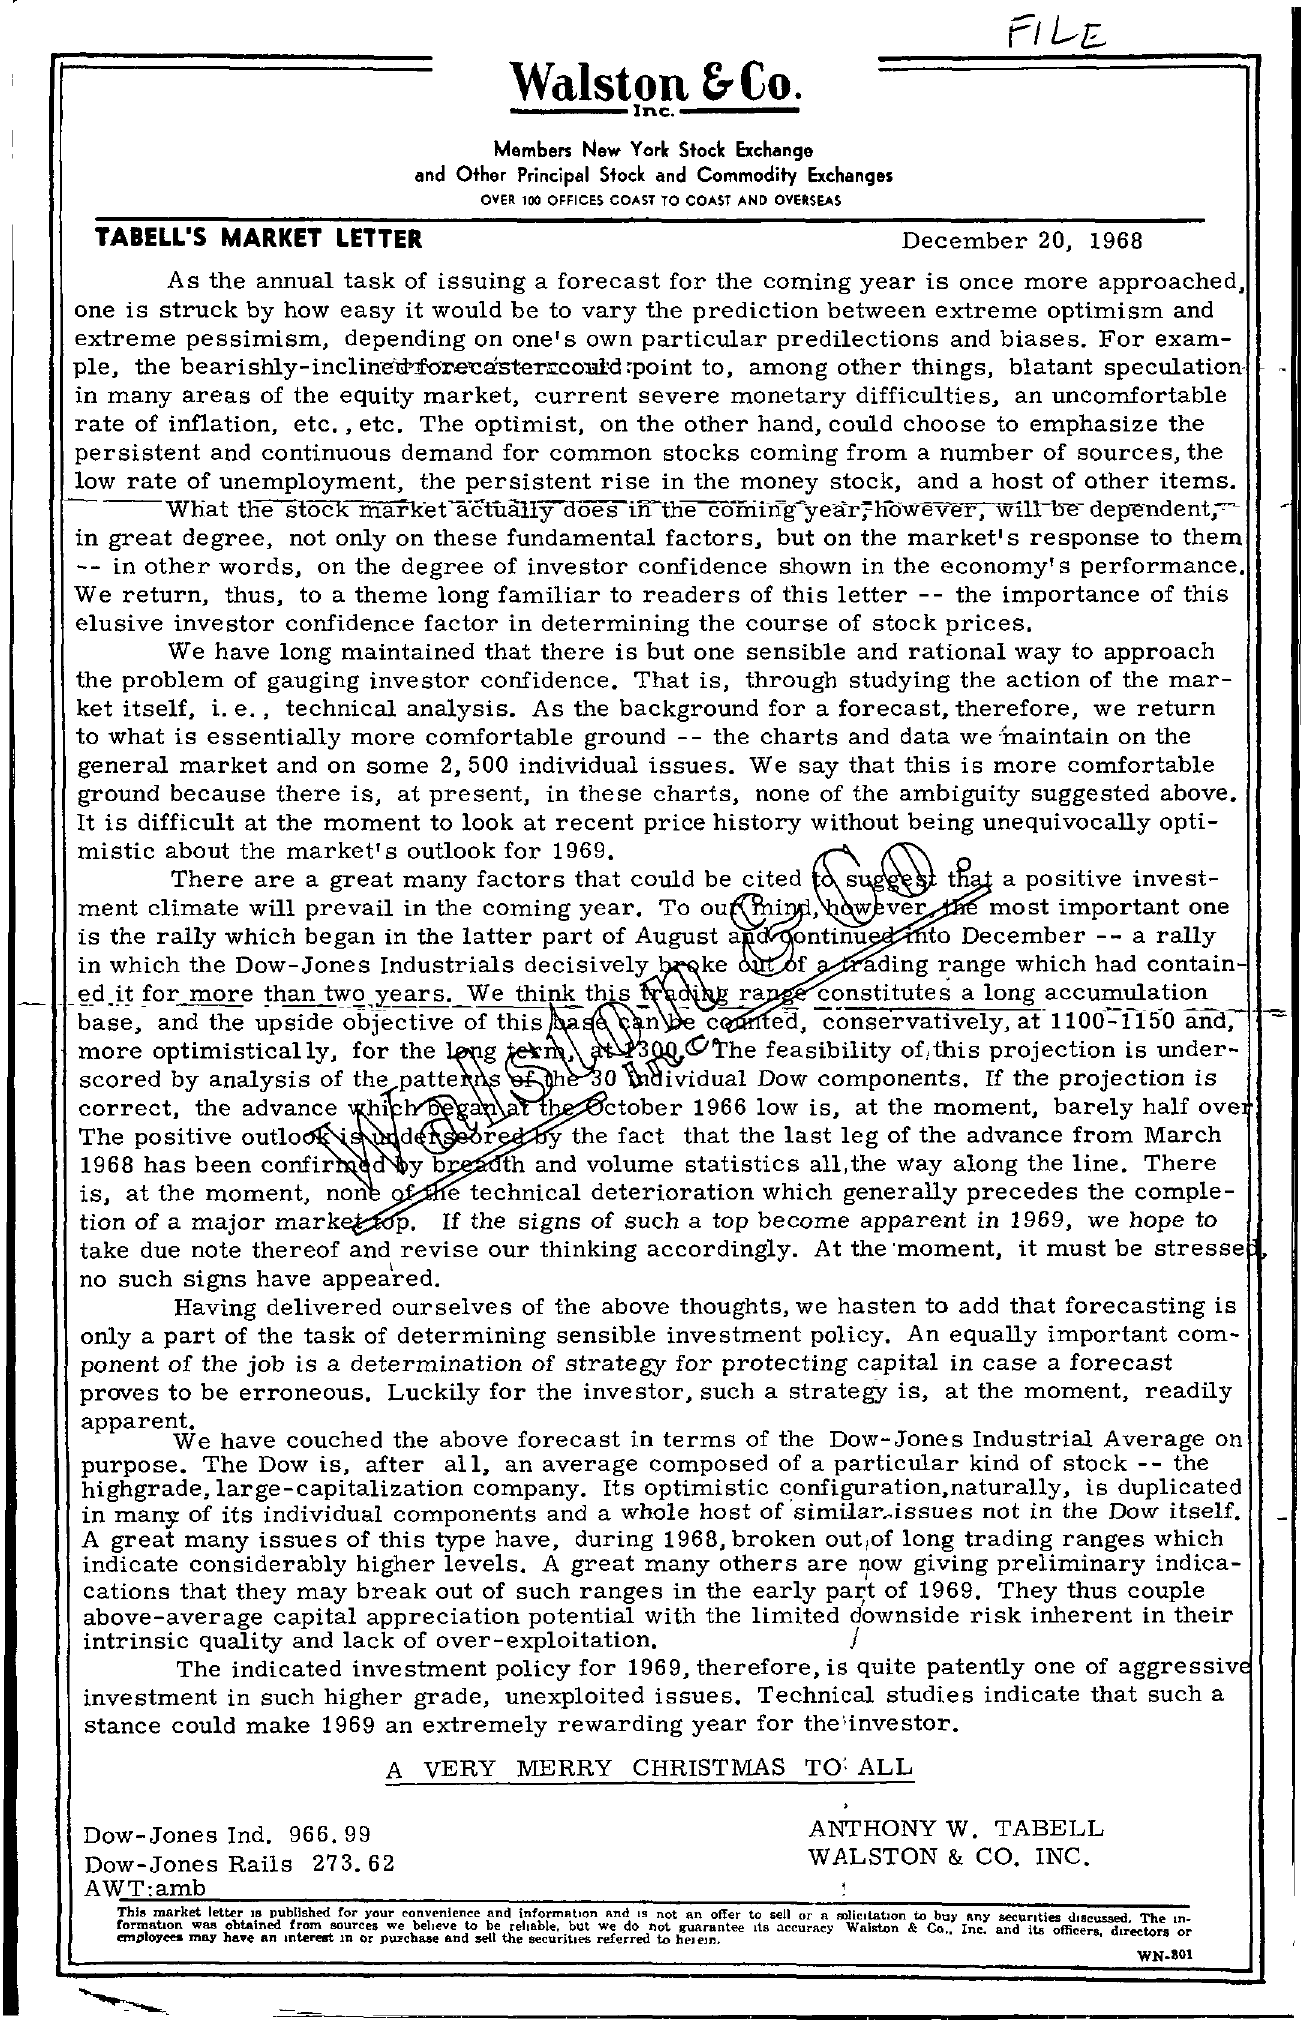 Tabell's Market Letter - December 20, 1968